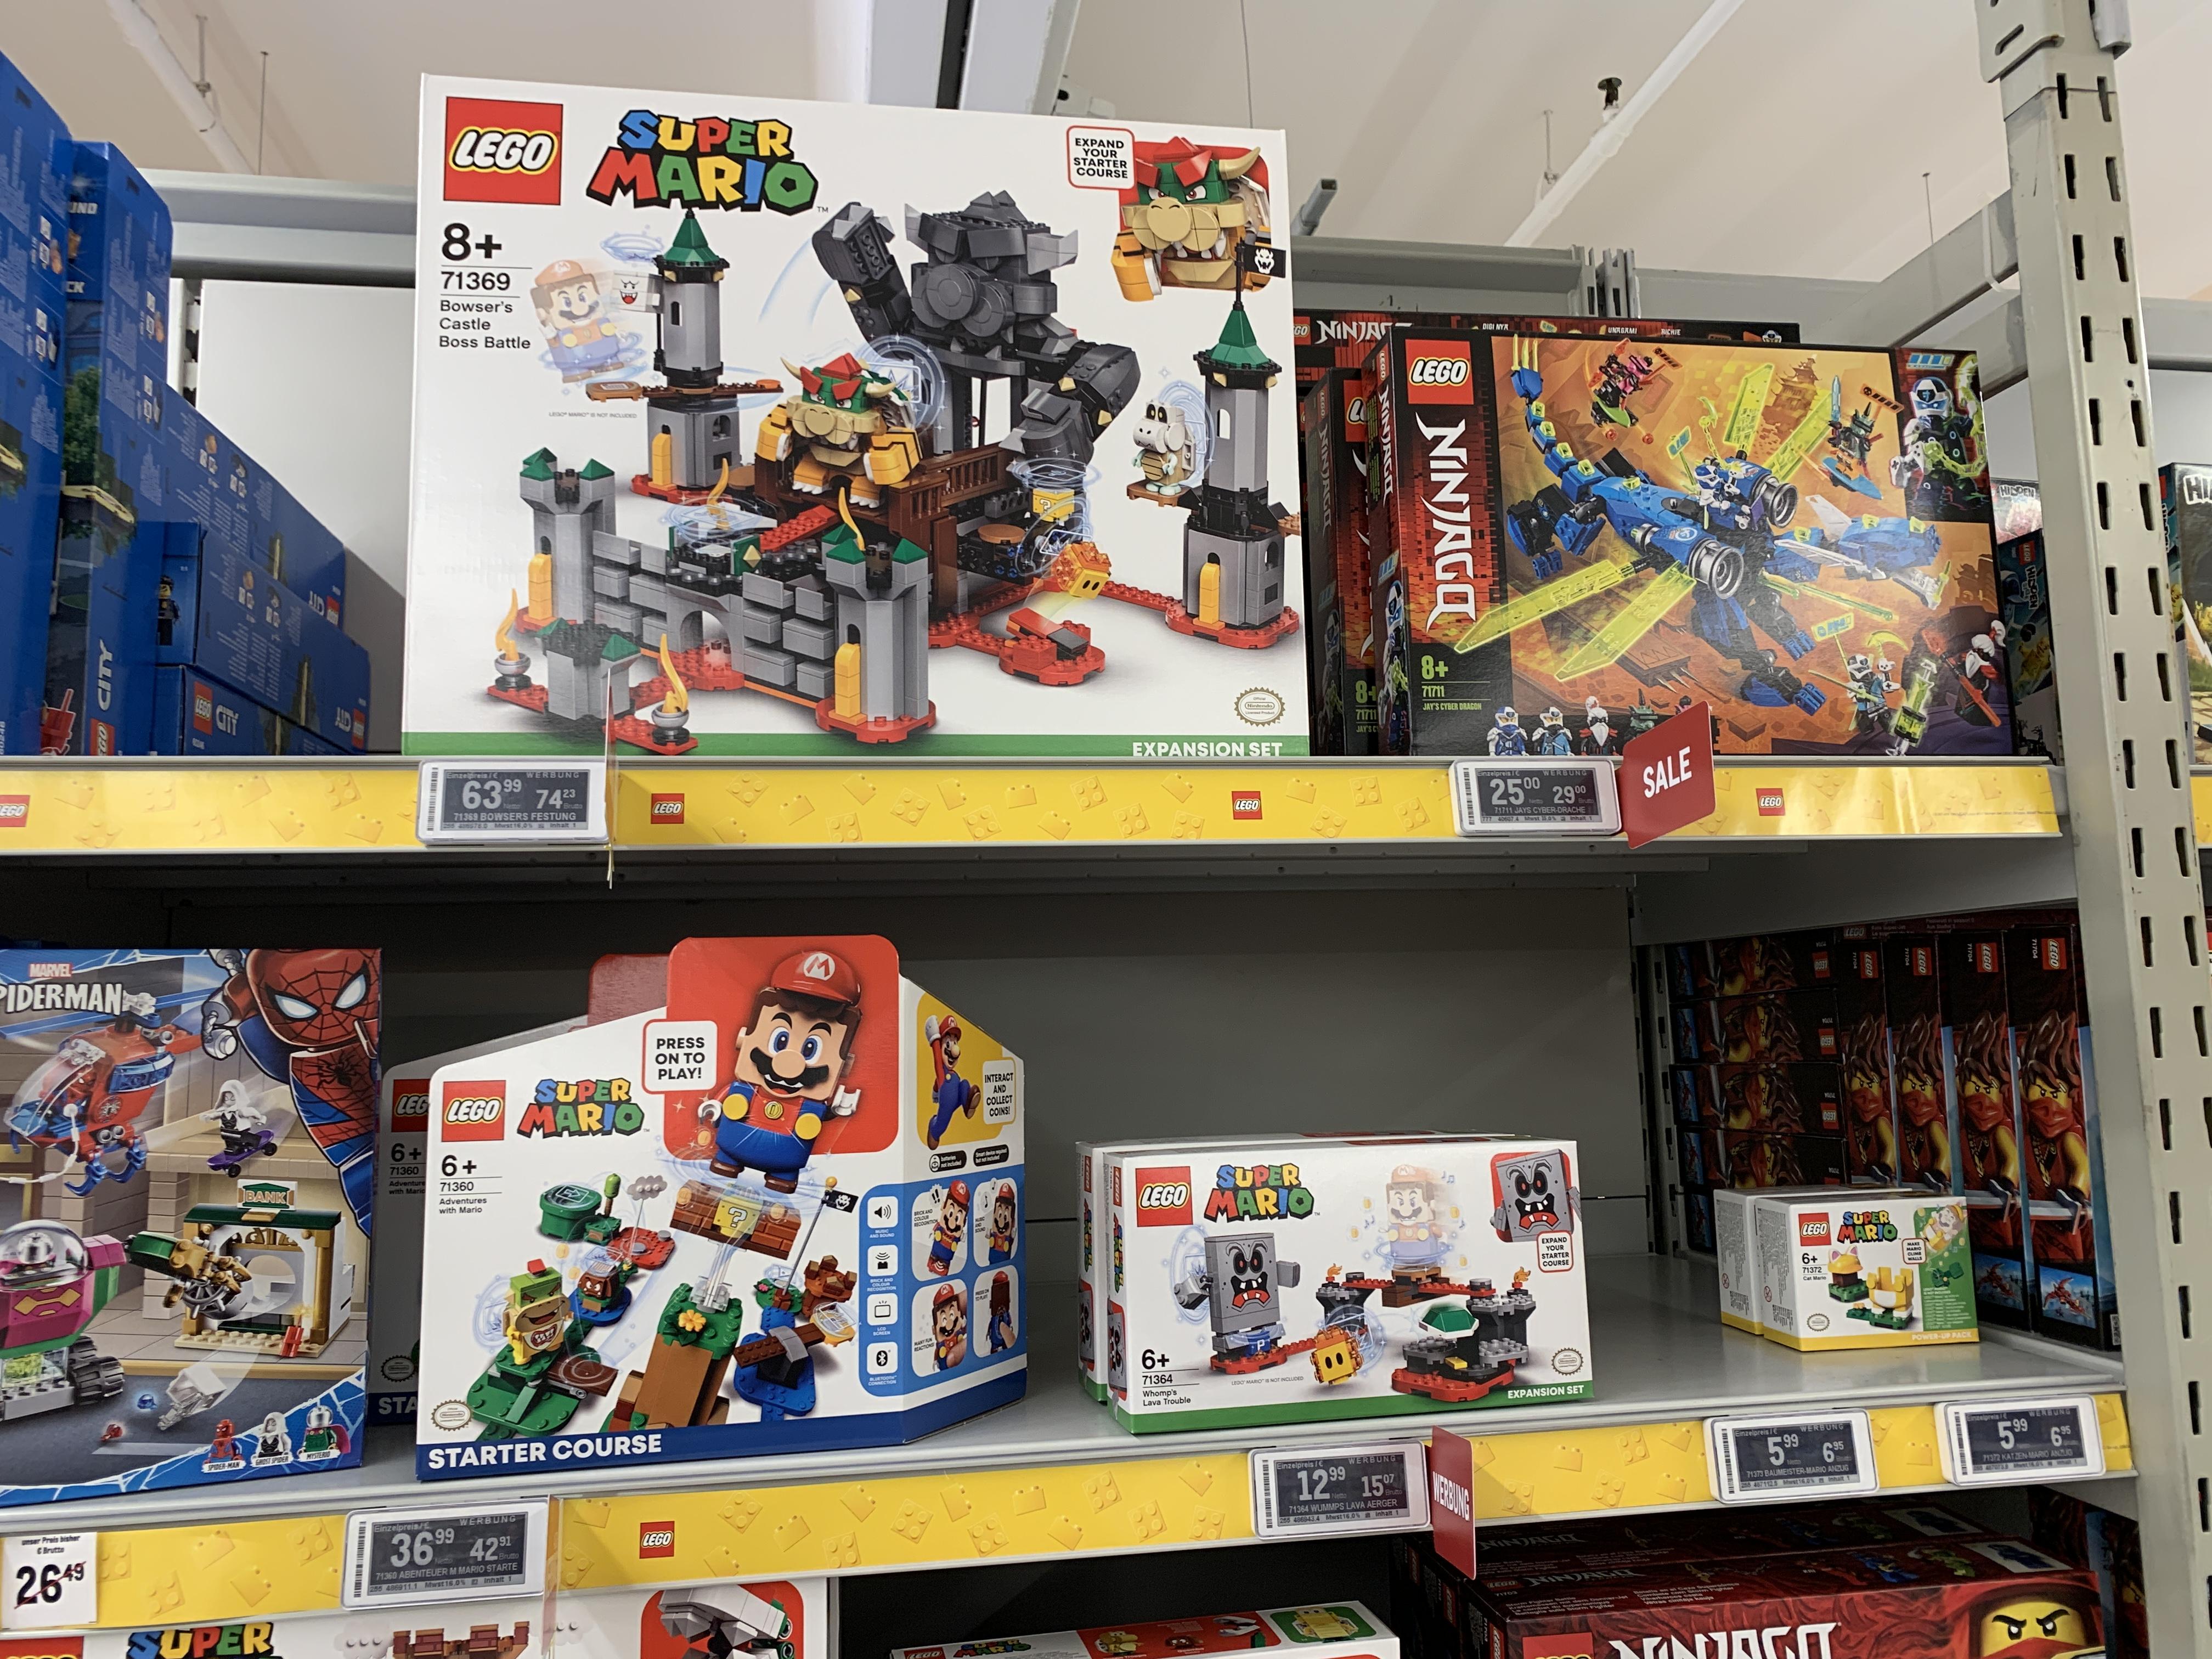 LOKAL Metro Bremen Lego & Playmobil bis zu 50% auf UVP